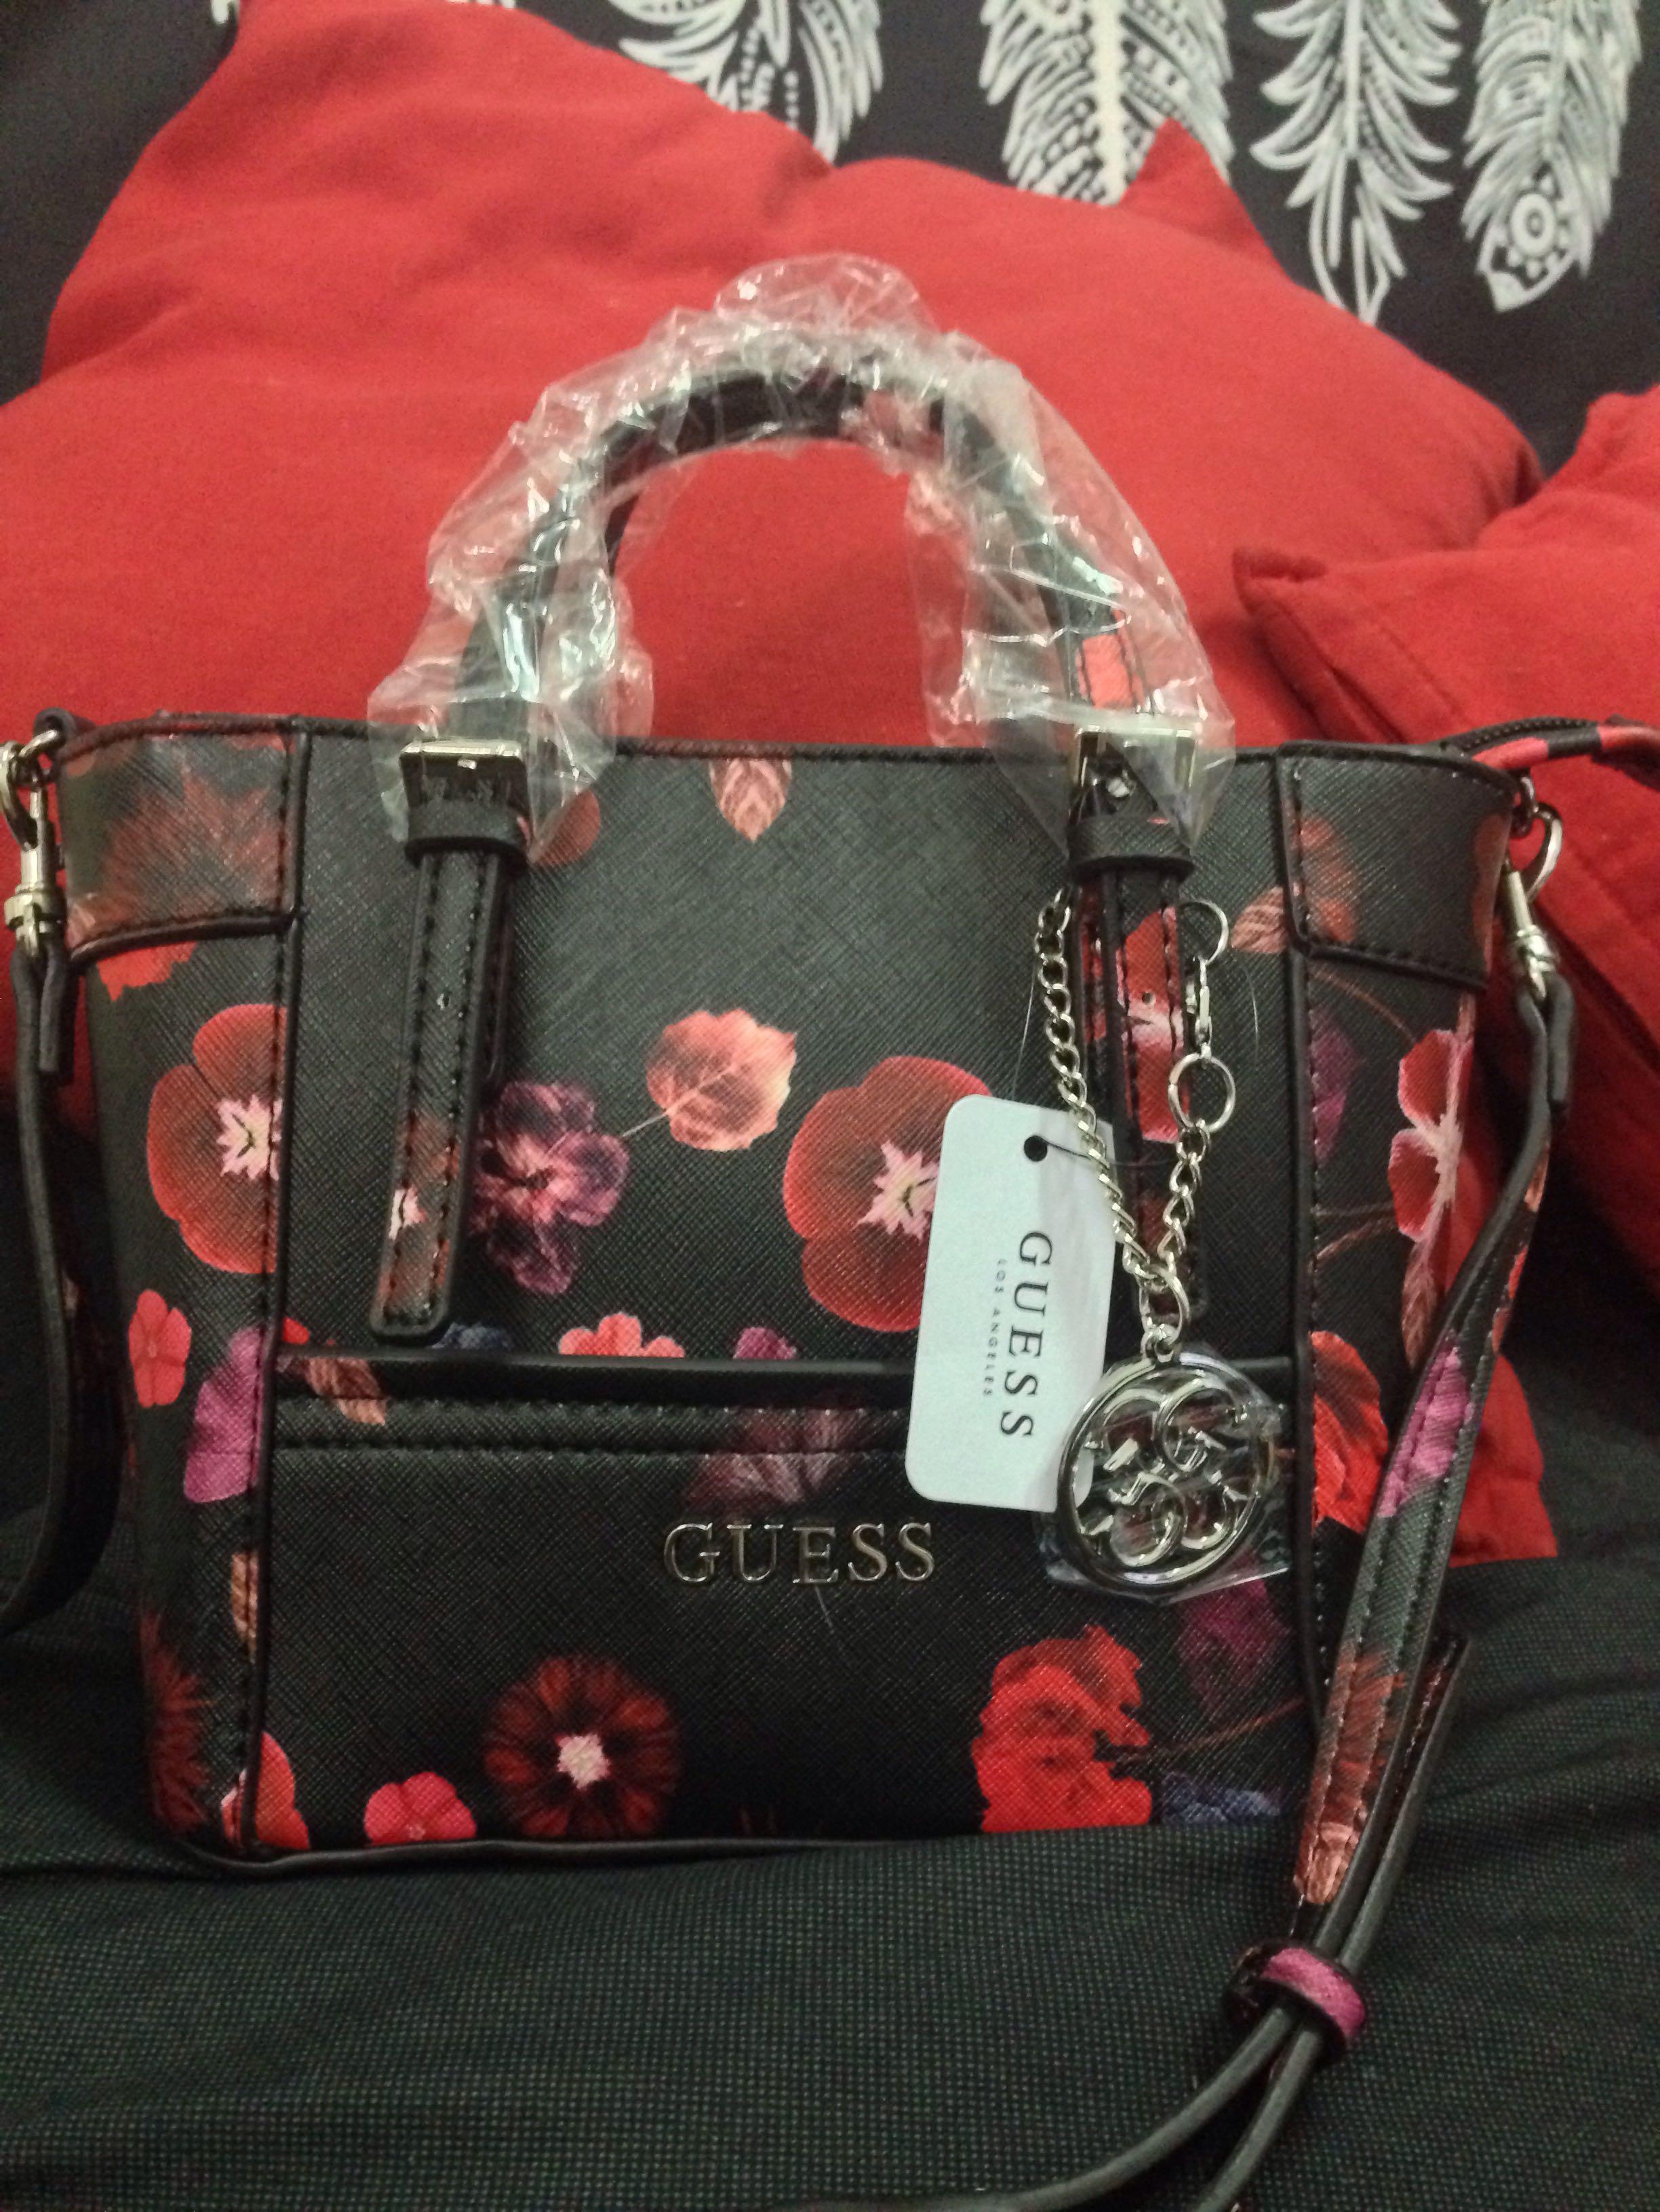 AUTHENTIC GUESS DELANEY Floral-print Mini Crossbody Tote Handbag ... ca712b74fc5e2